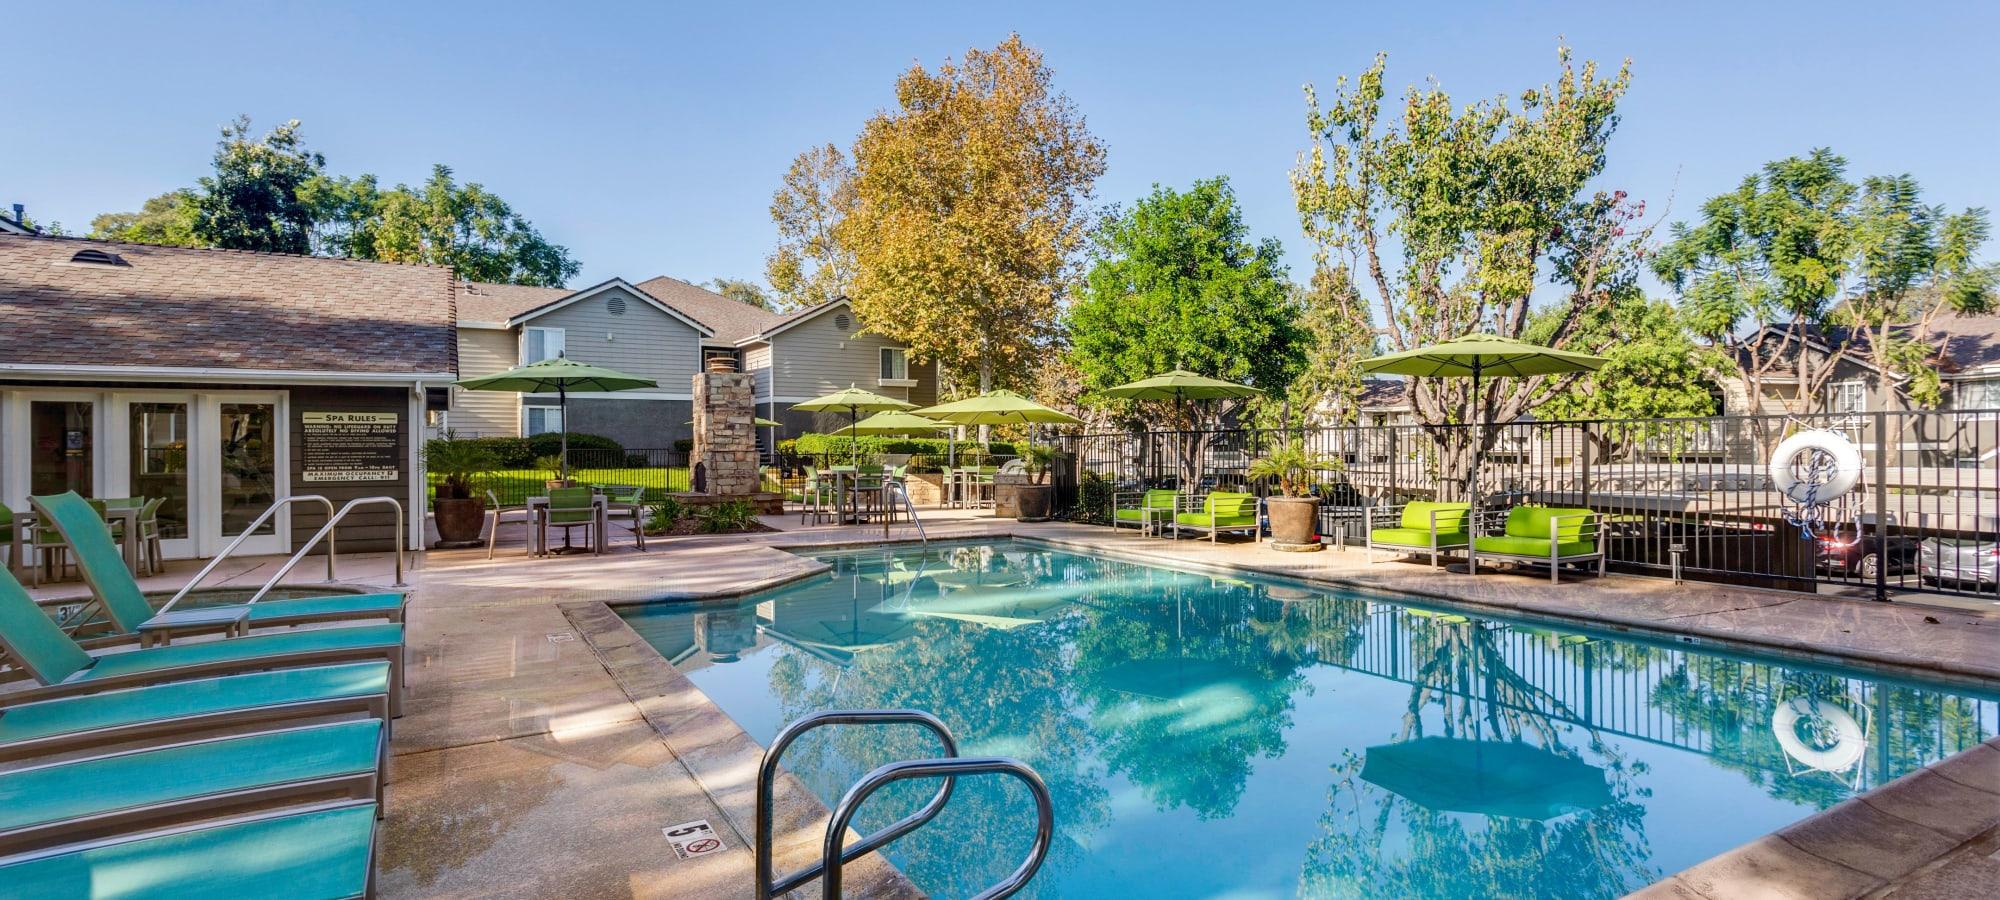 Chino Hills, California apartments at Village Oaks